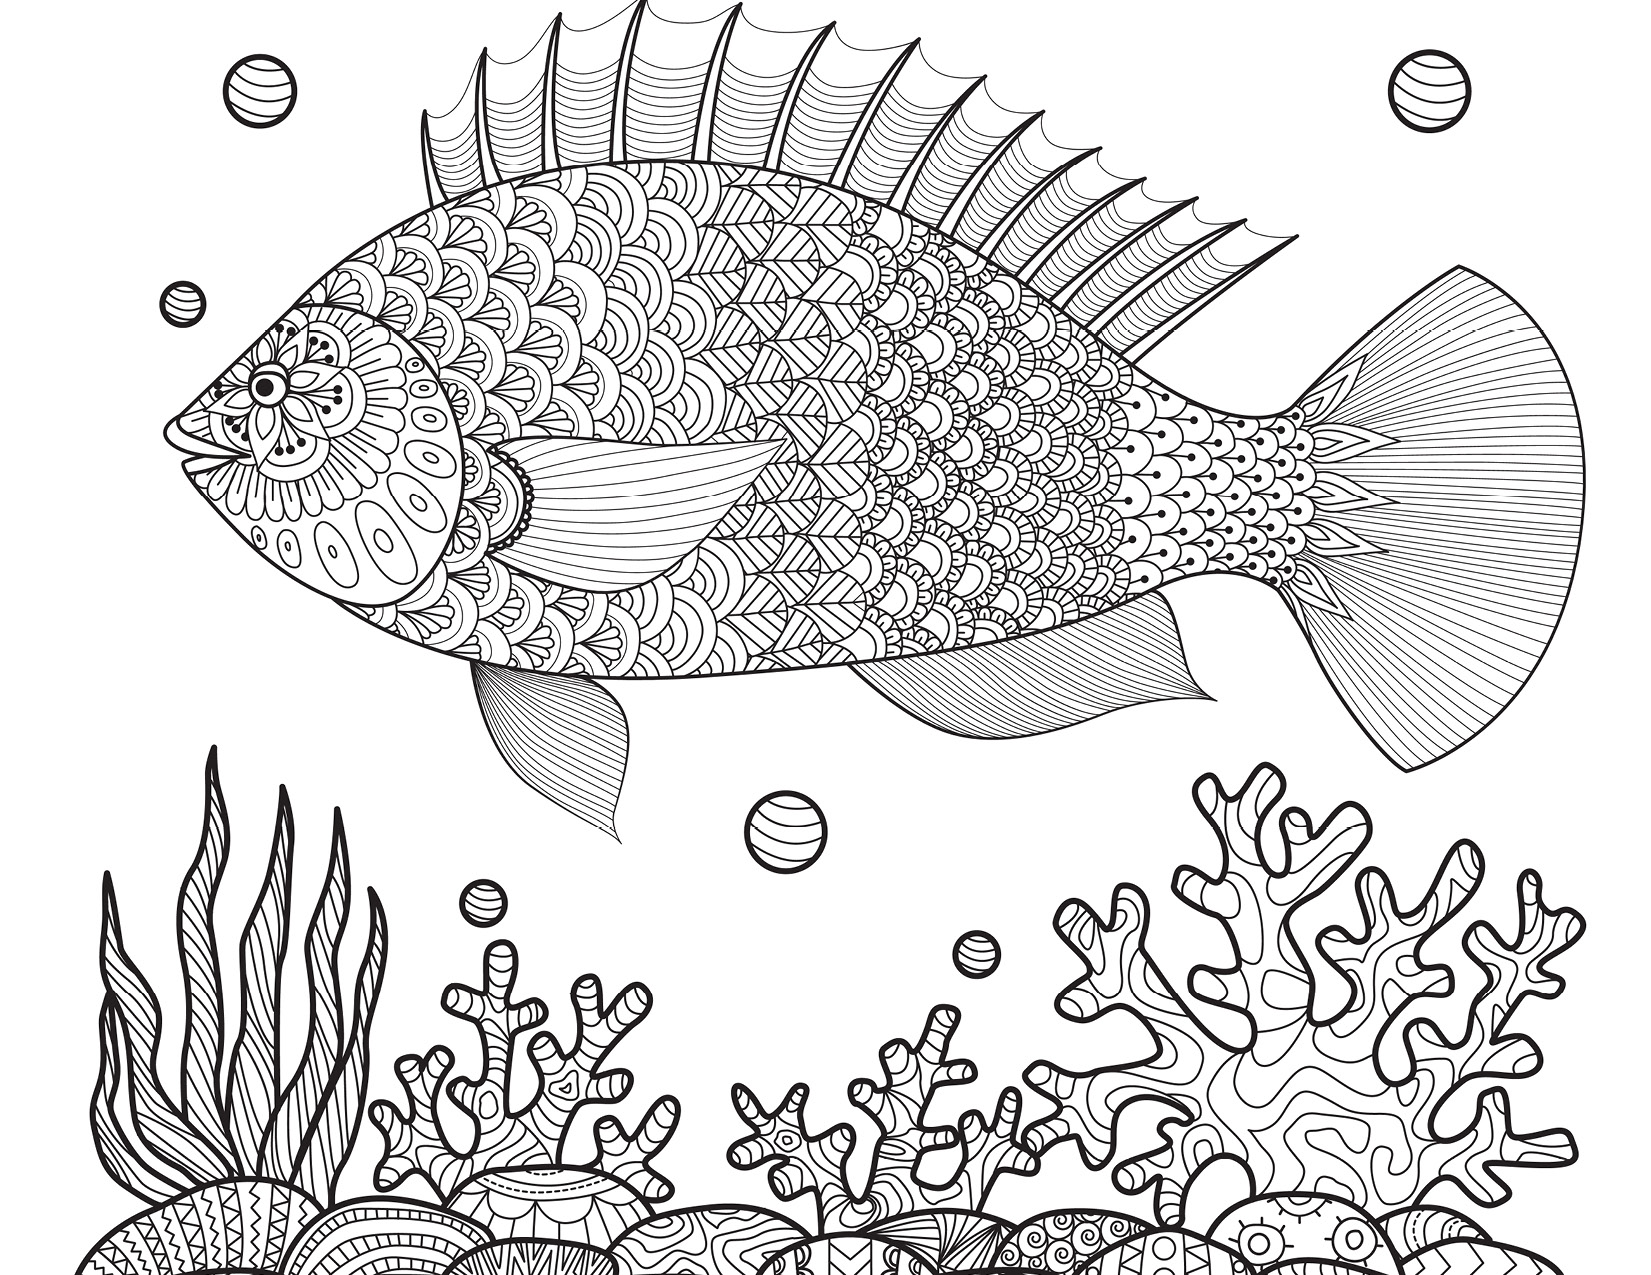 Dessin poisson coloriages t imprimer gratuitement - Poisson a imprimer gratuitement ...